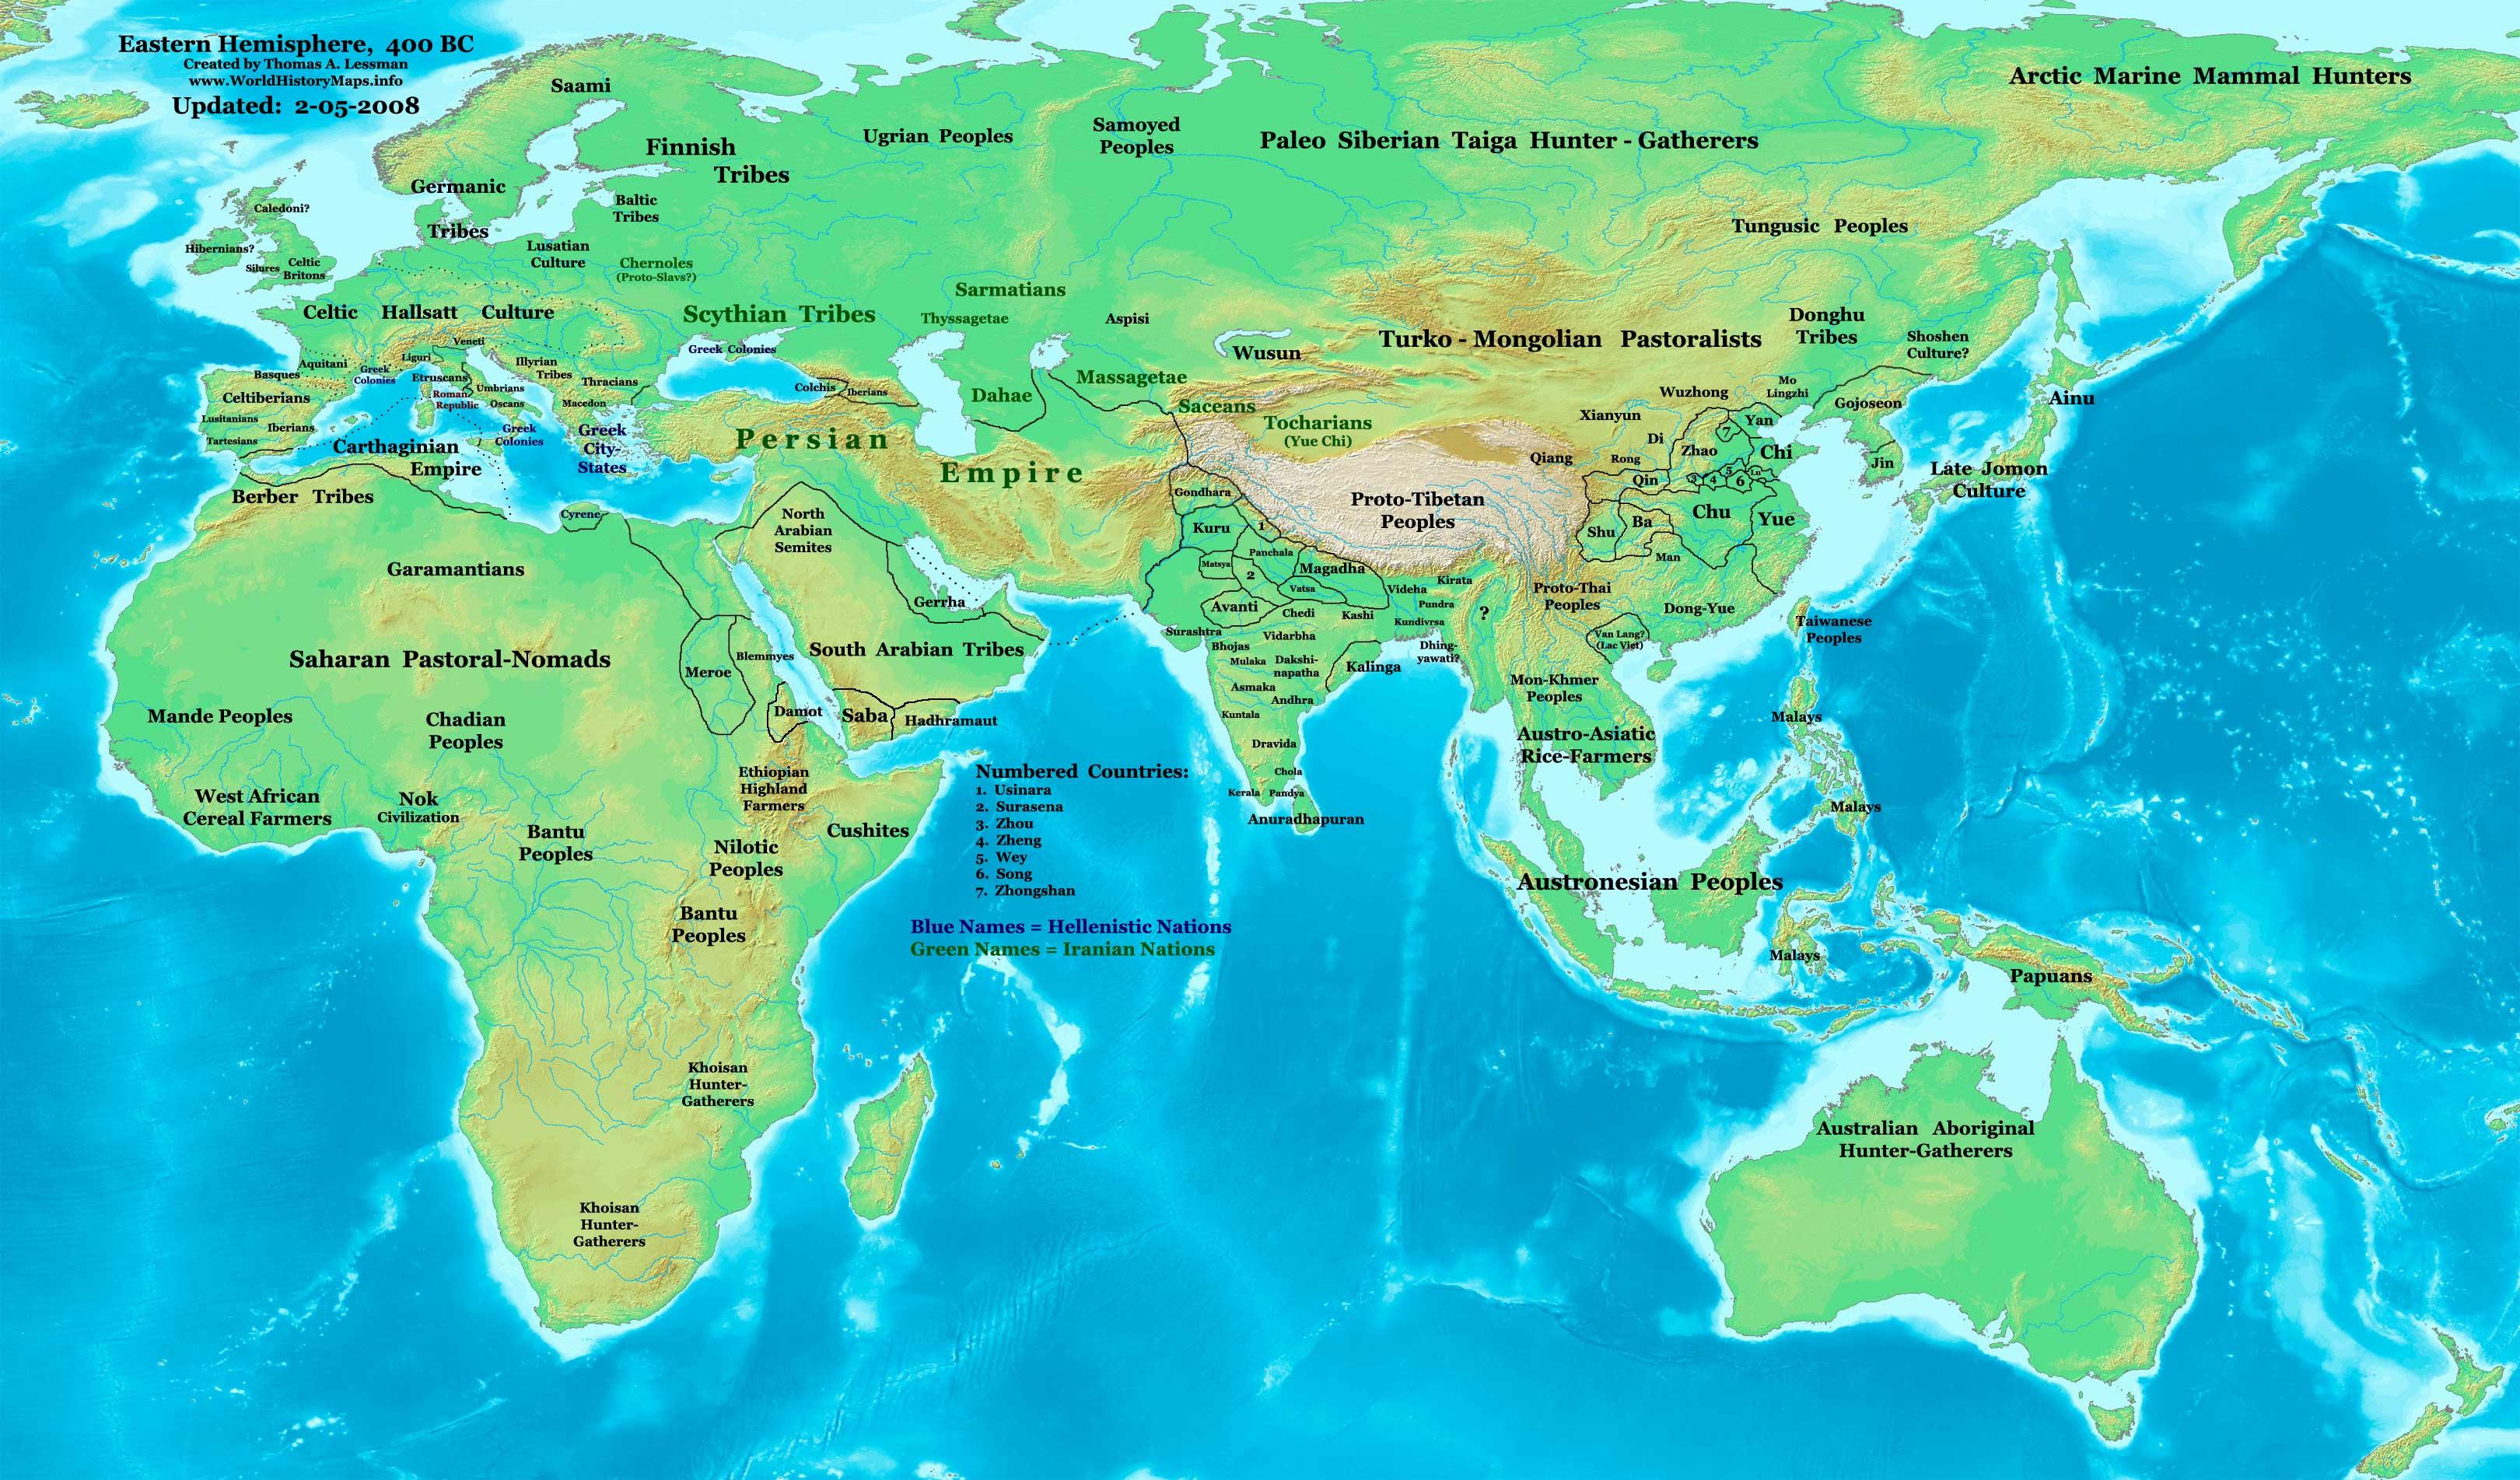 http://worldhistorymaps.info/images/East-Hem_400bc.jpg